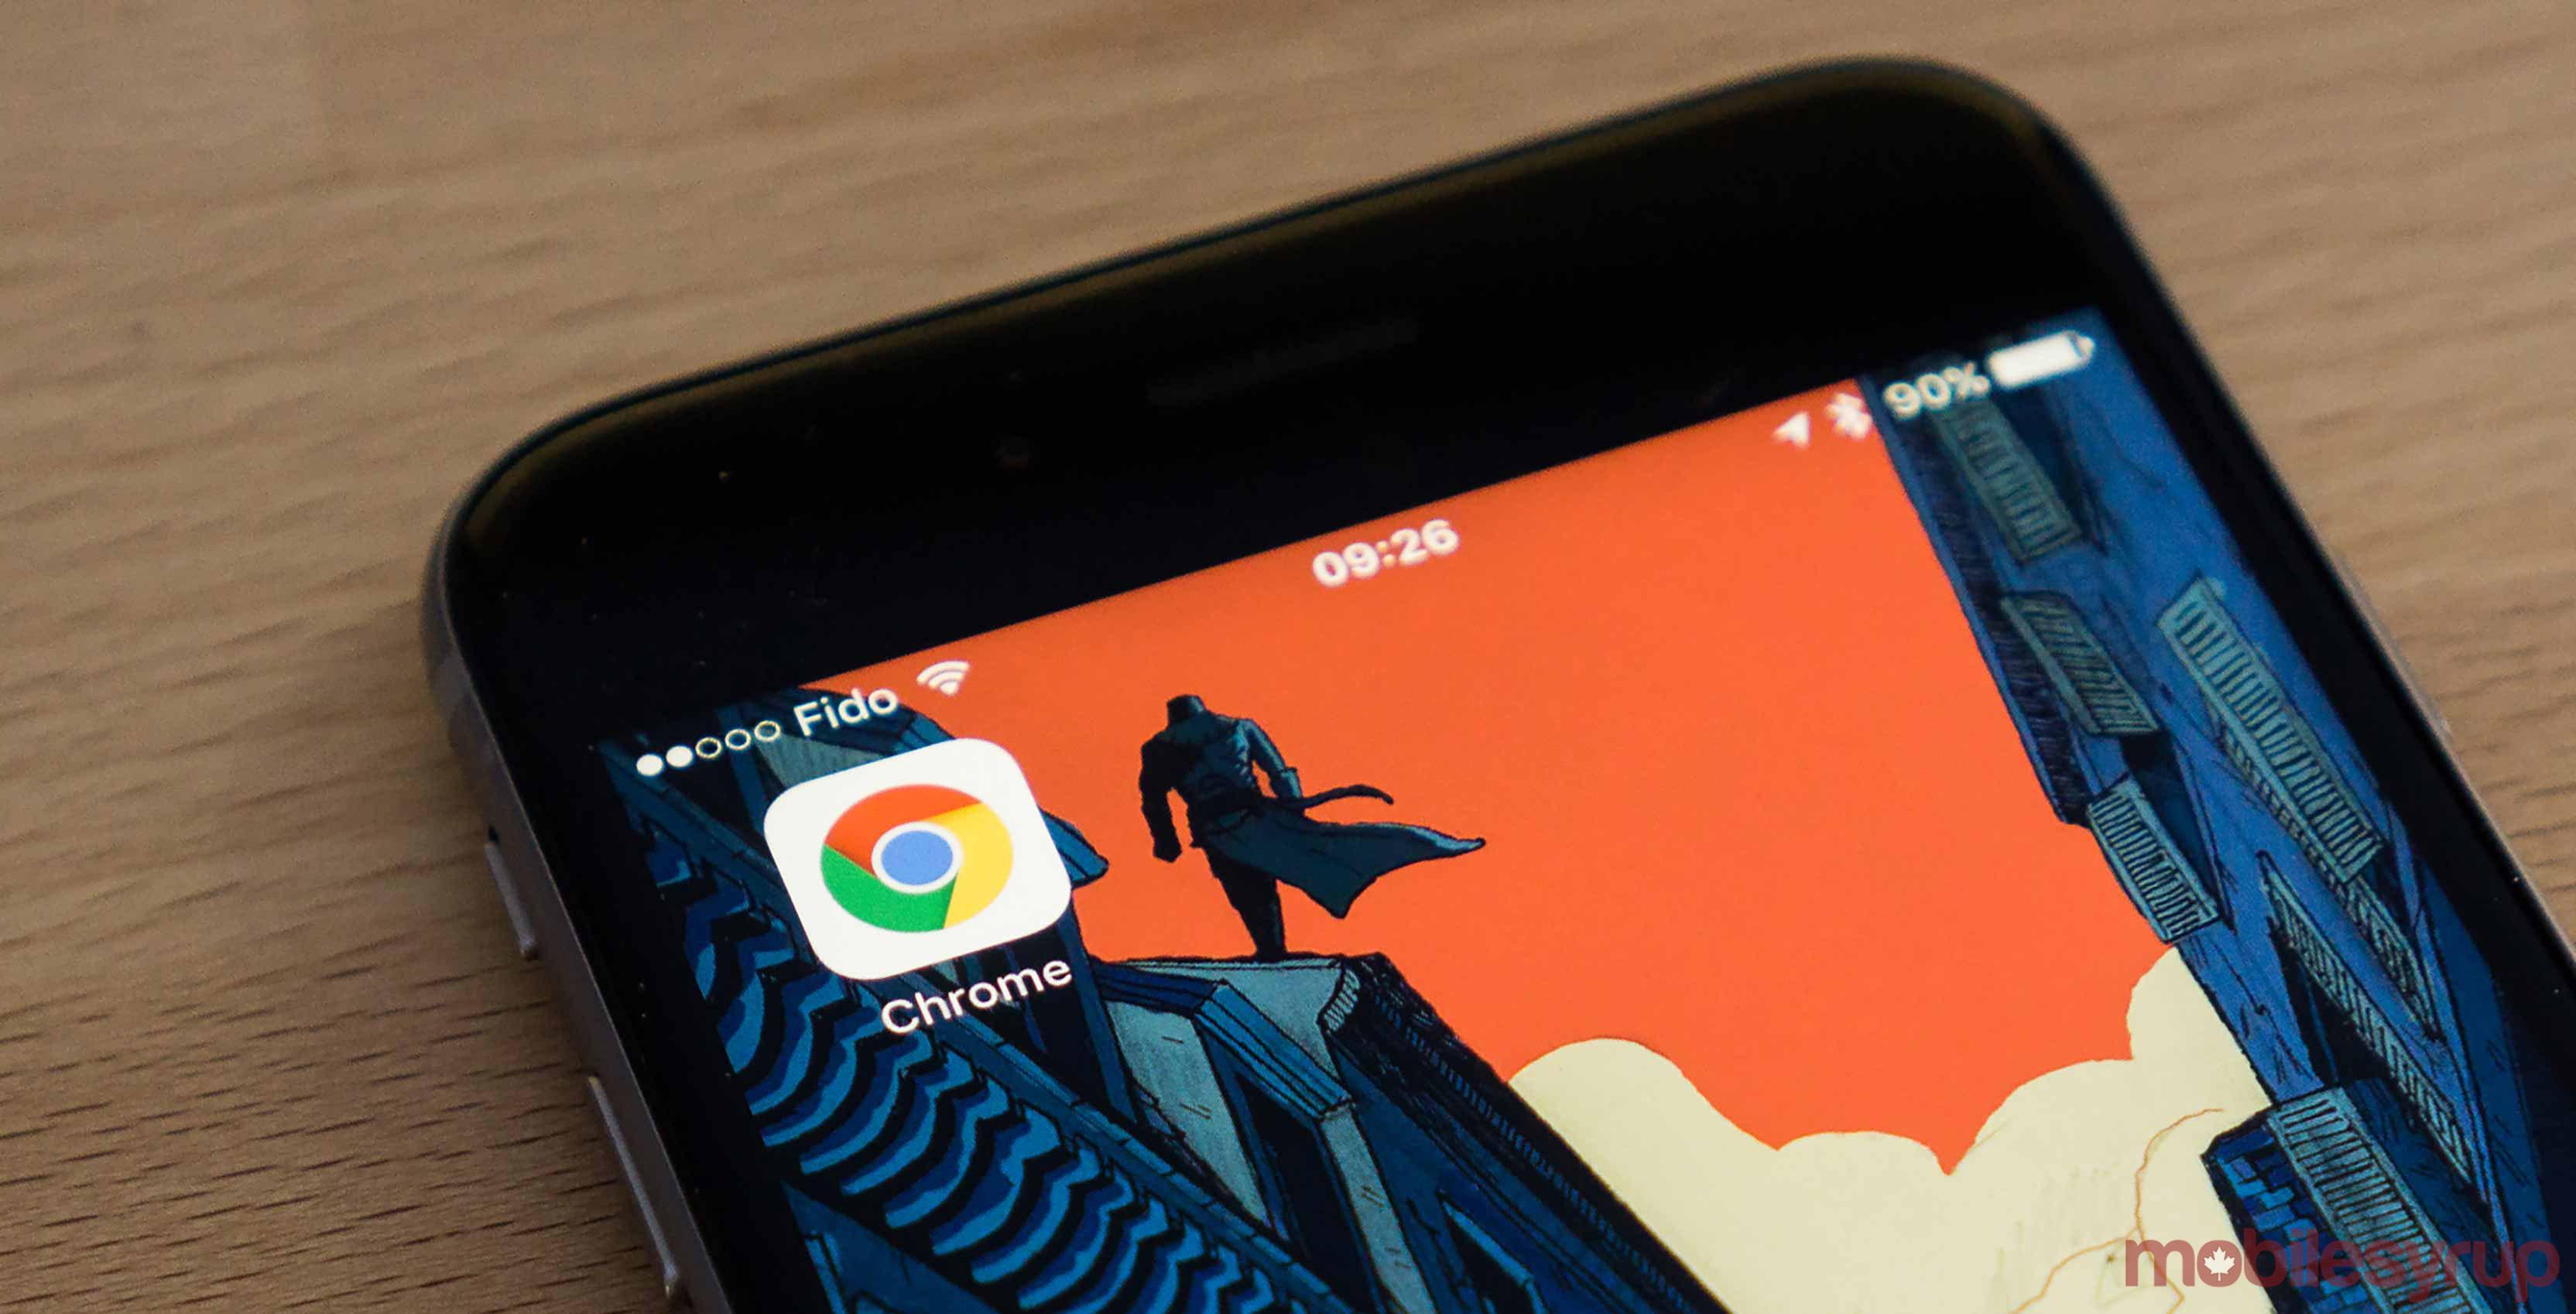 Chrome dev app